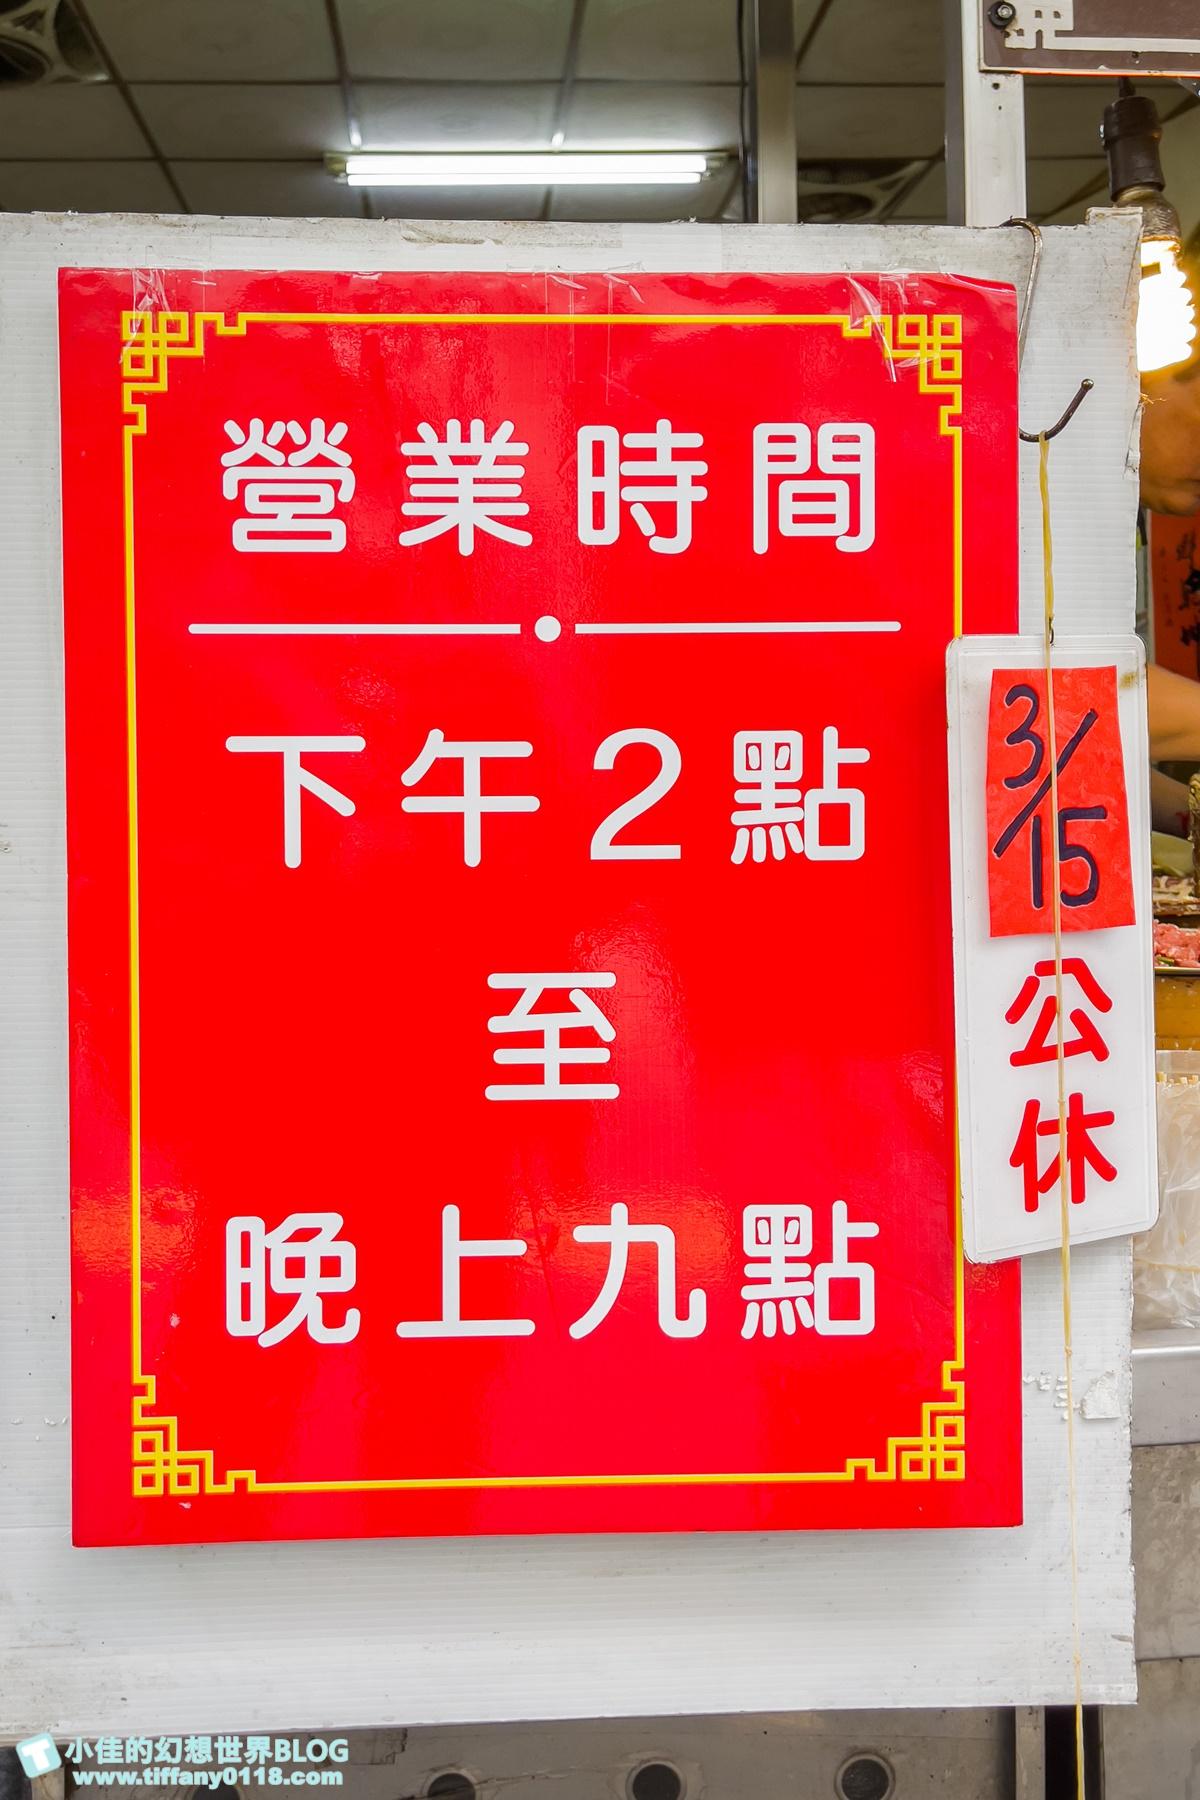 [新竹美食]北門炸粿/新竹必吃百年老店/排隊再久也要吃的新竹美食推薦